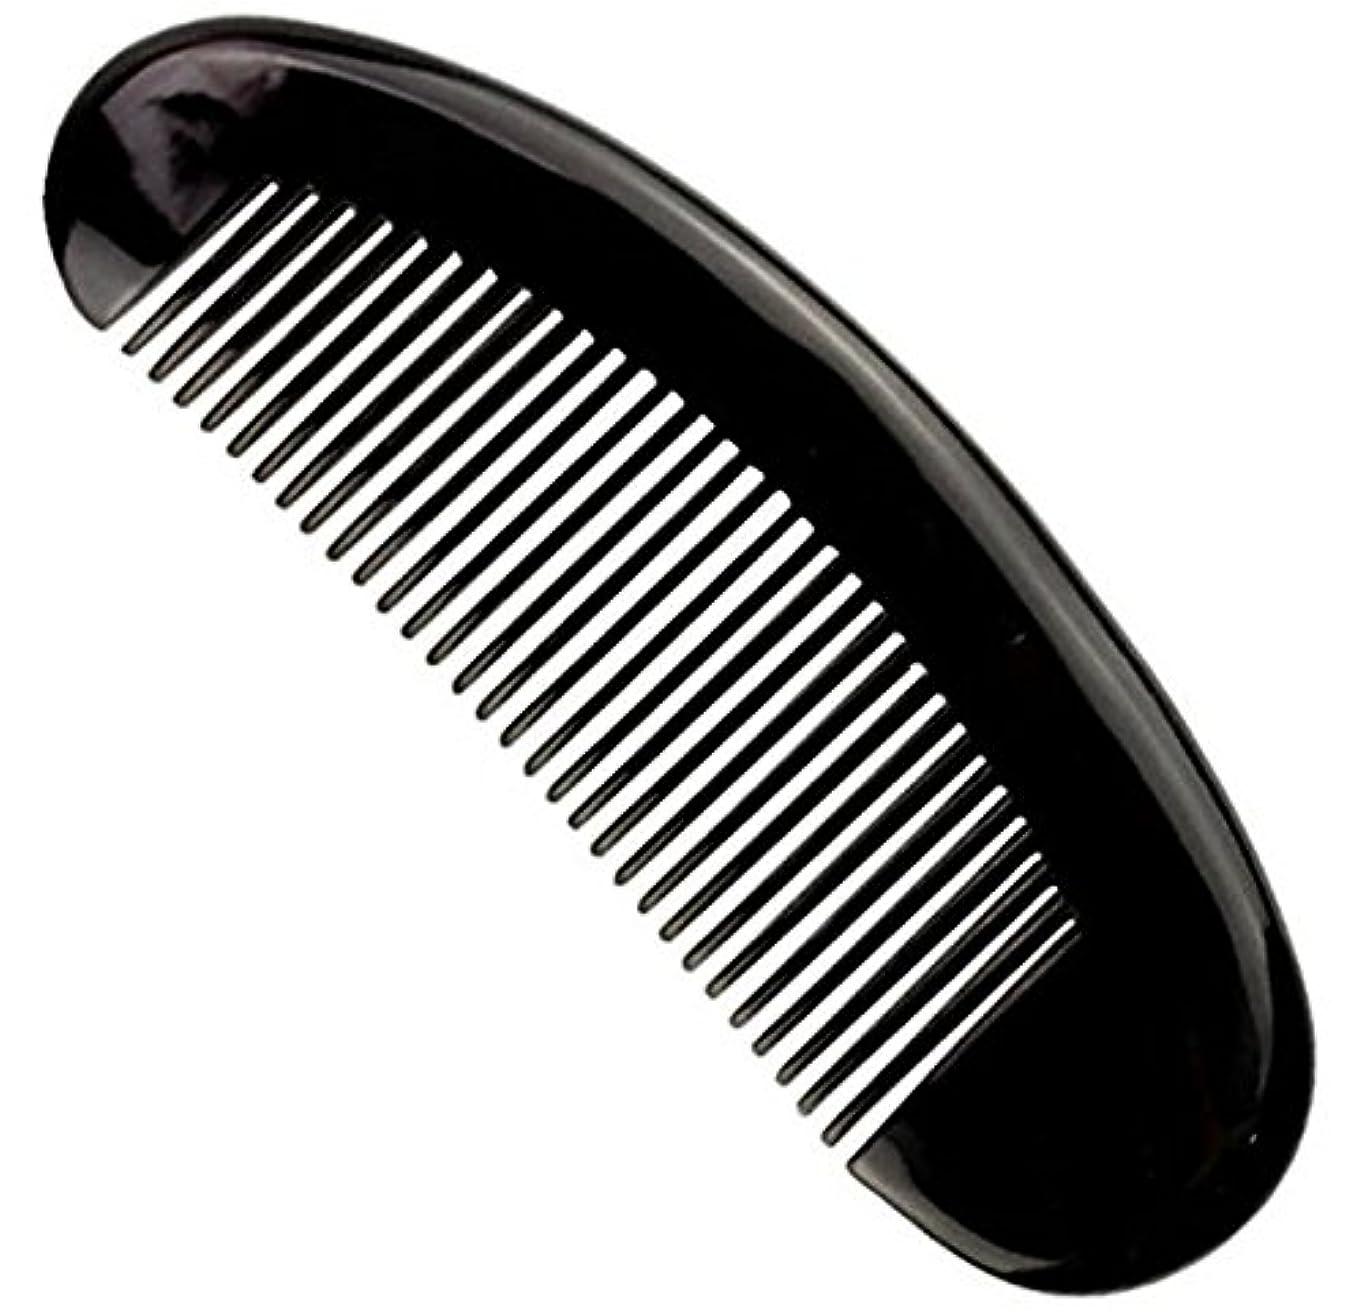 塩辛いくさび純粋に櫛型 プロも使う牛角かっさプレー マサージ用 血行改善 高級 天然 静電気防止 美髪 美顔 ボディ リンパマッサージ